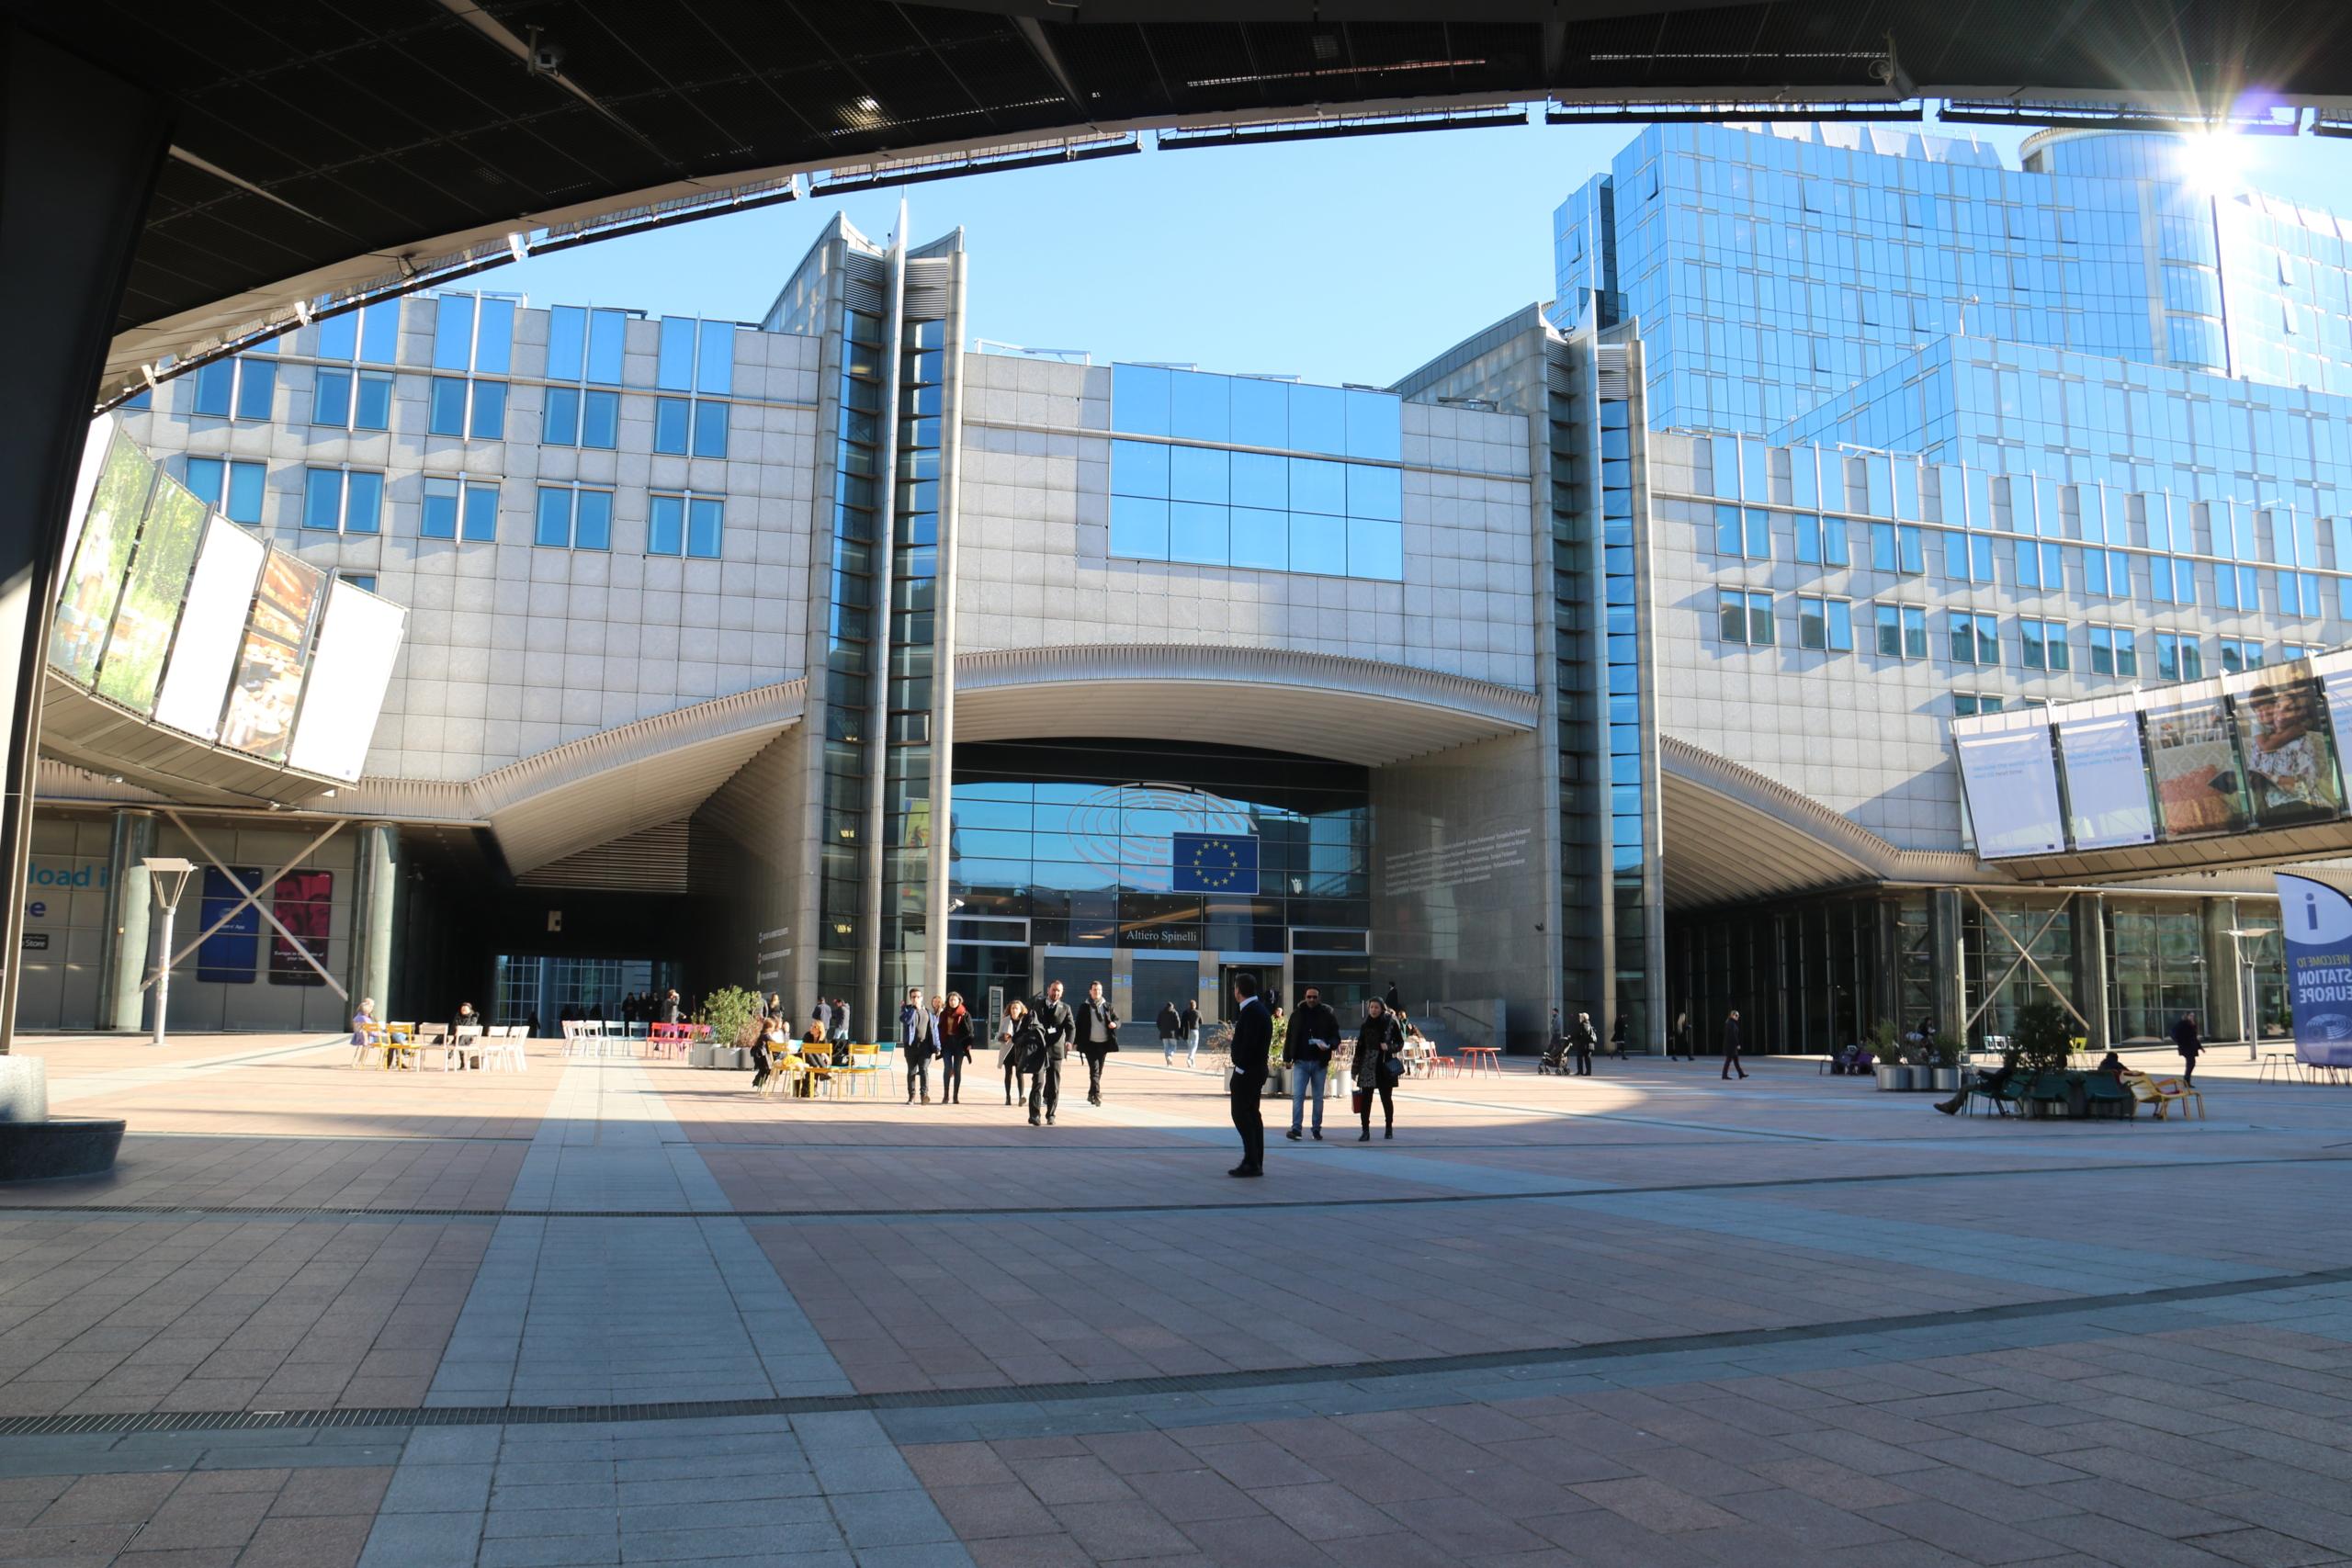 L'exterior de l'edifici Altiero Spinelli del Parlament Europeu / ACN